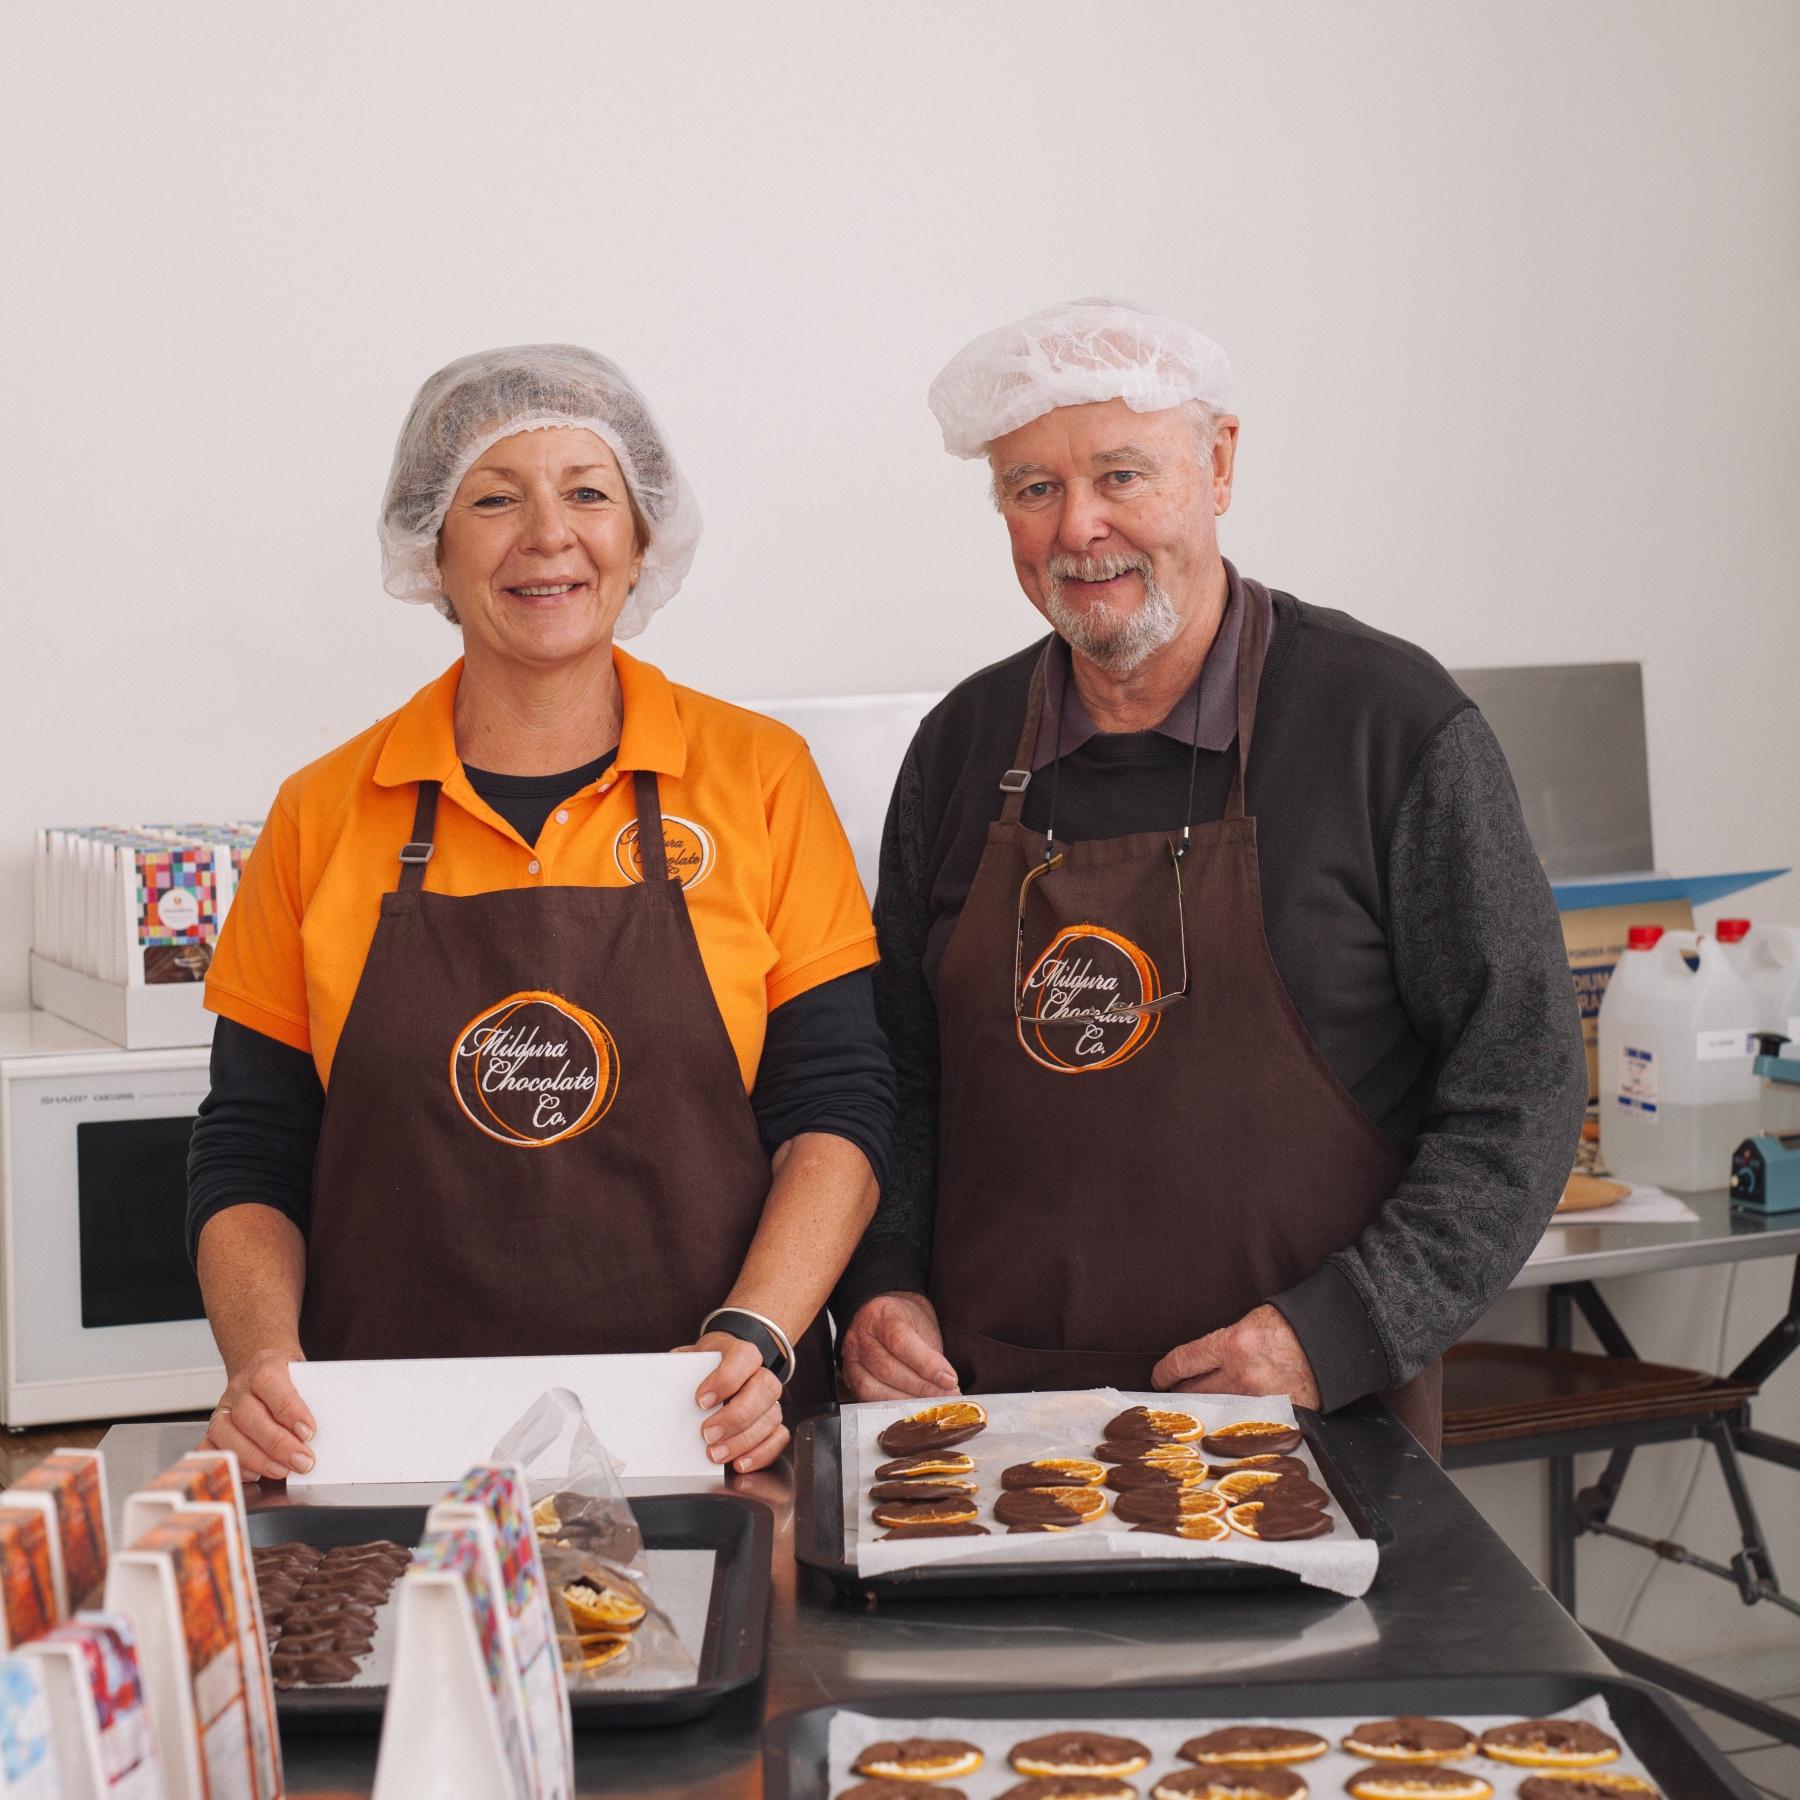 Mildura Chocolate Company are a chocolate manufacturing co-op in Mildura, Victoria